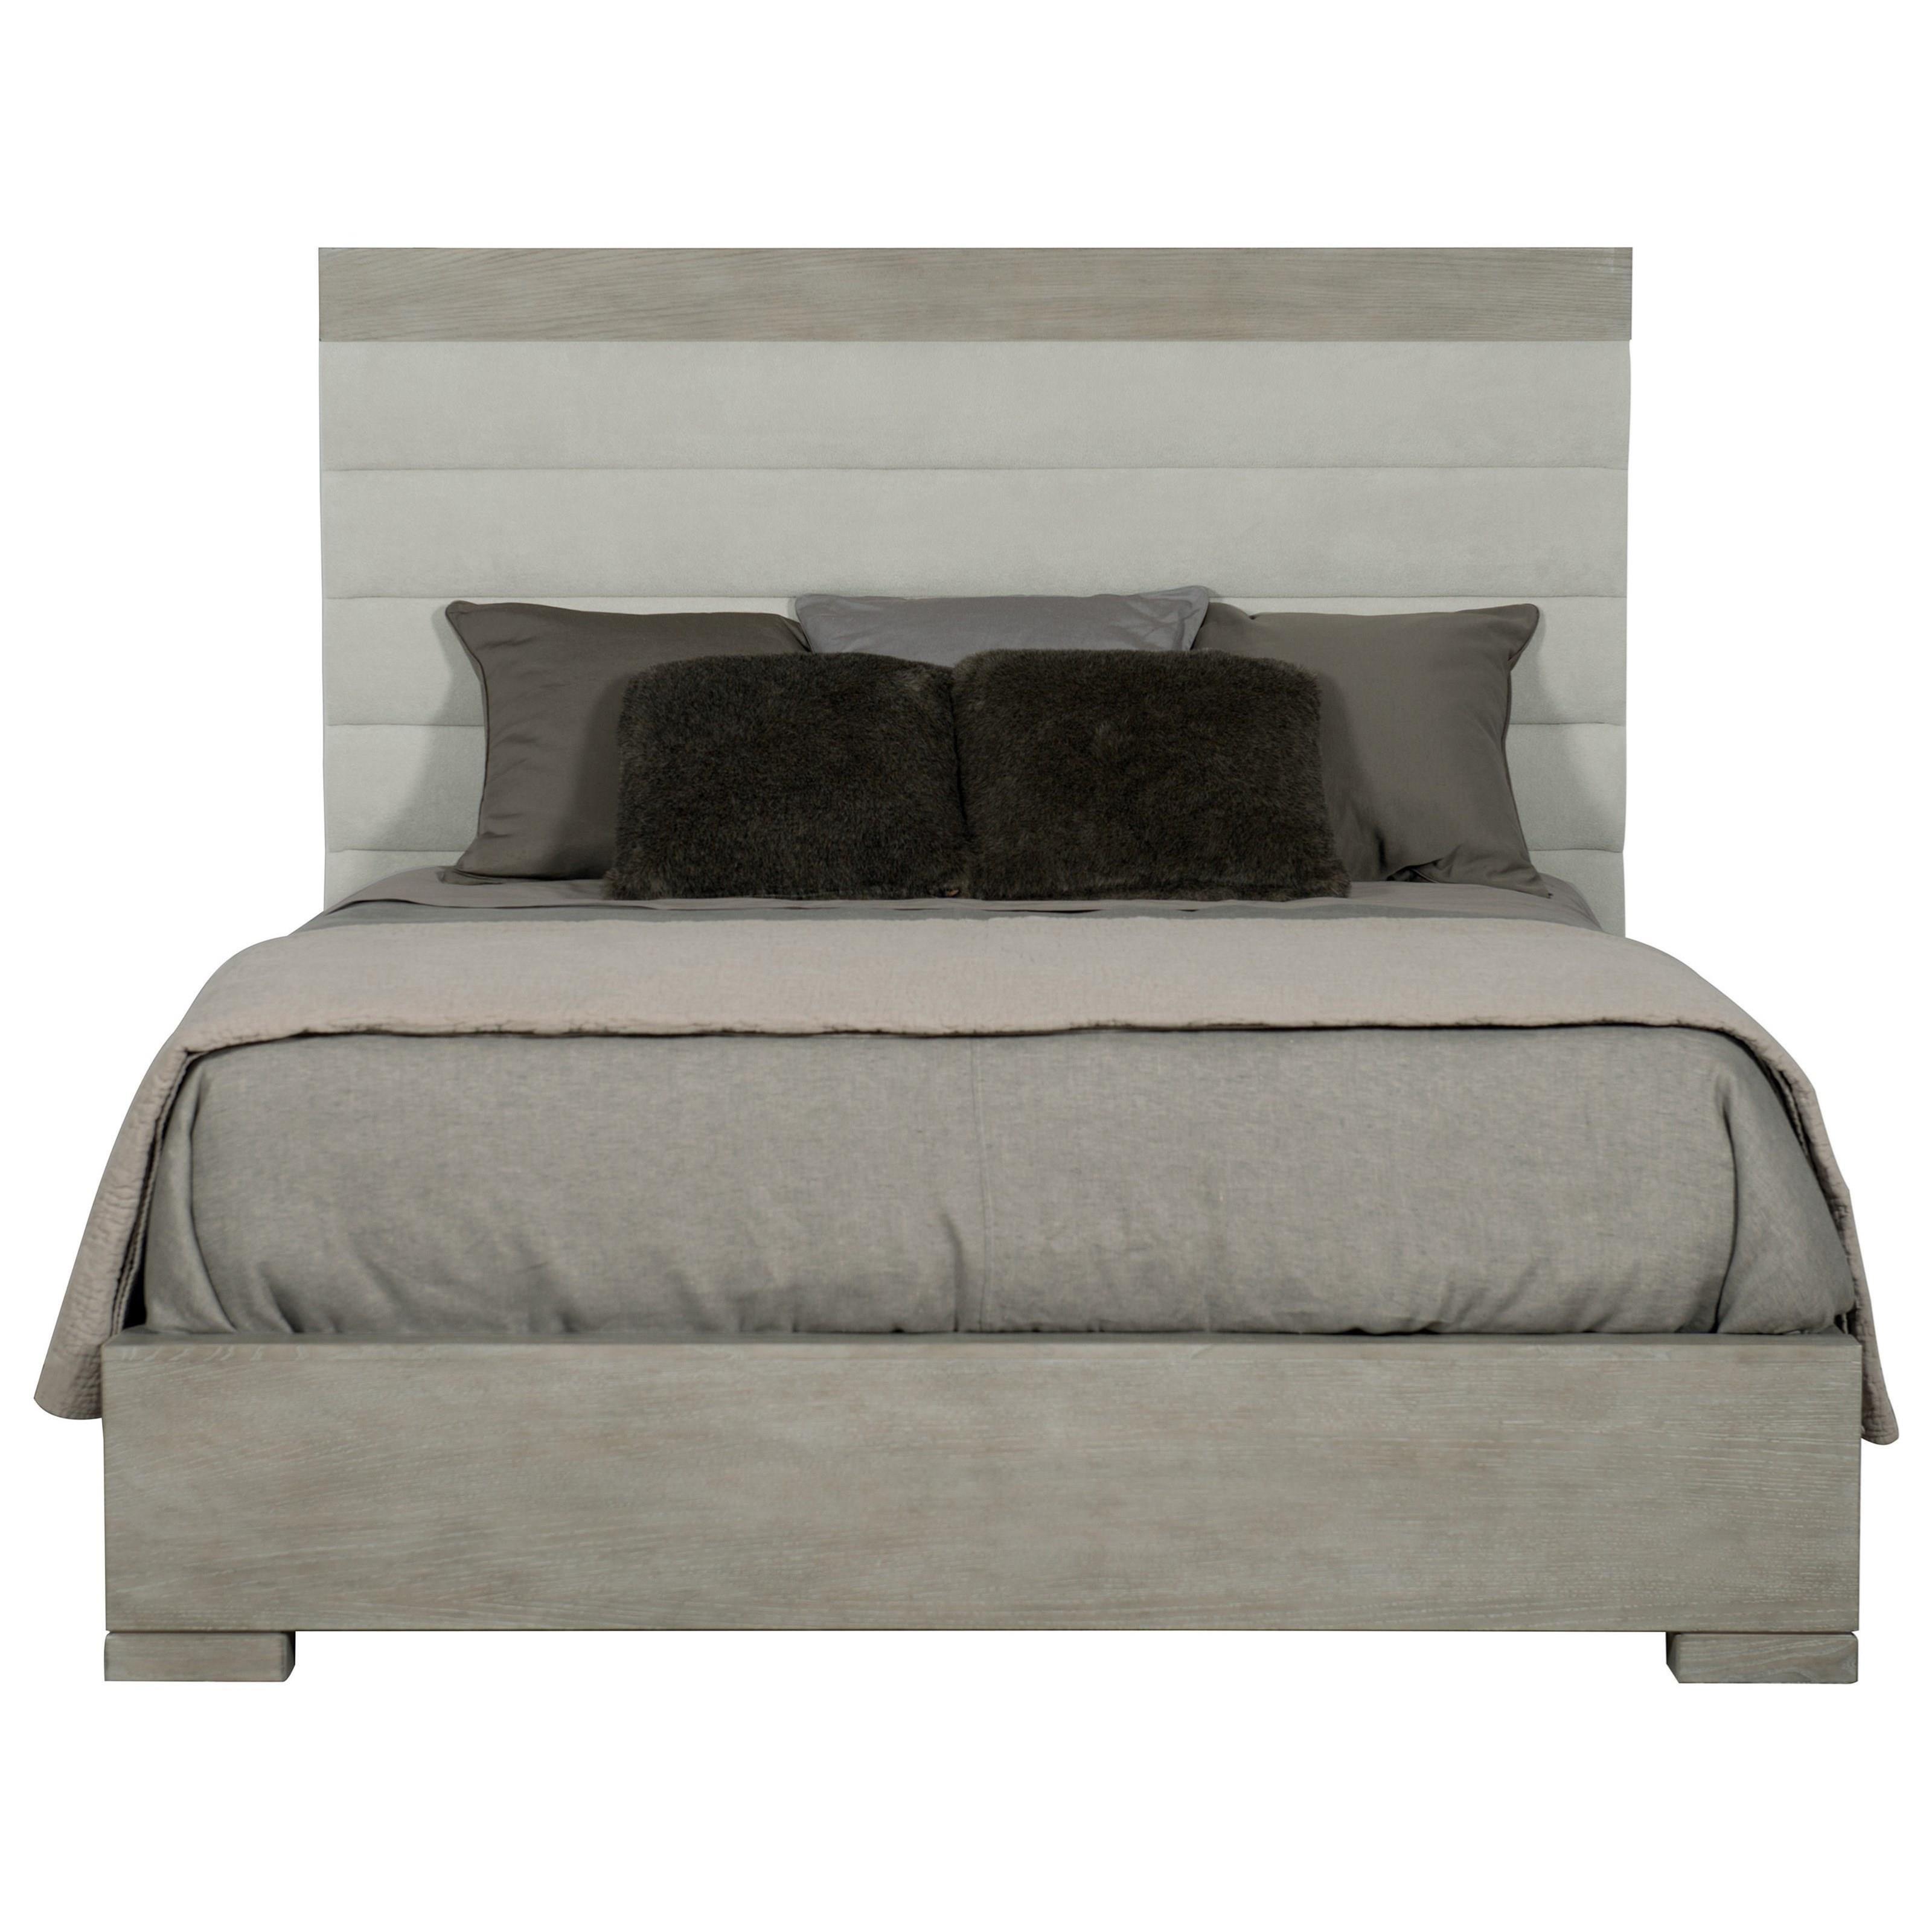 Awe Inspiring Bernhardt Linea Customizable Transitional Queen Upholstered Interior Design Ideas Pimpapslepicentreinfo